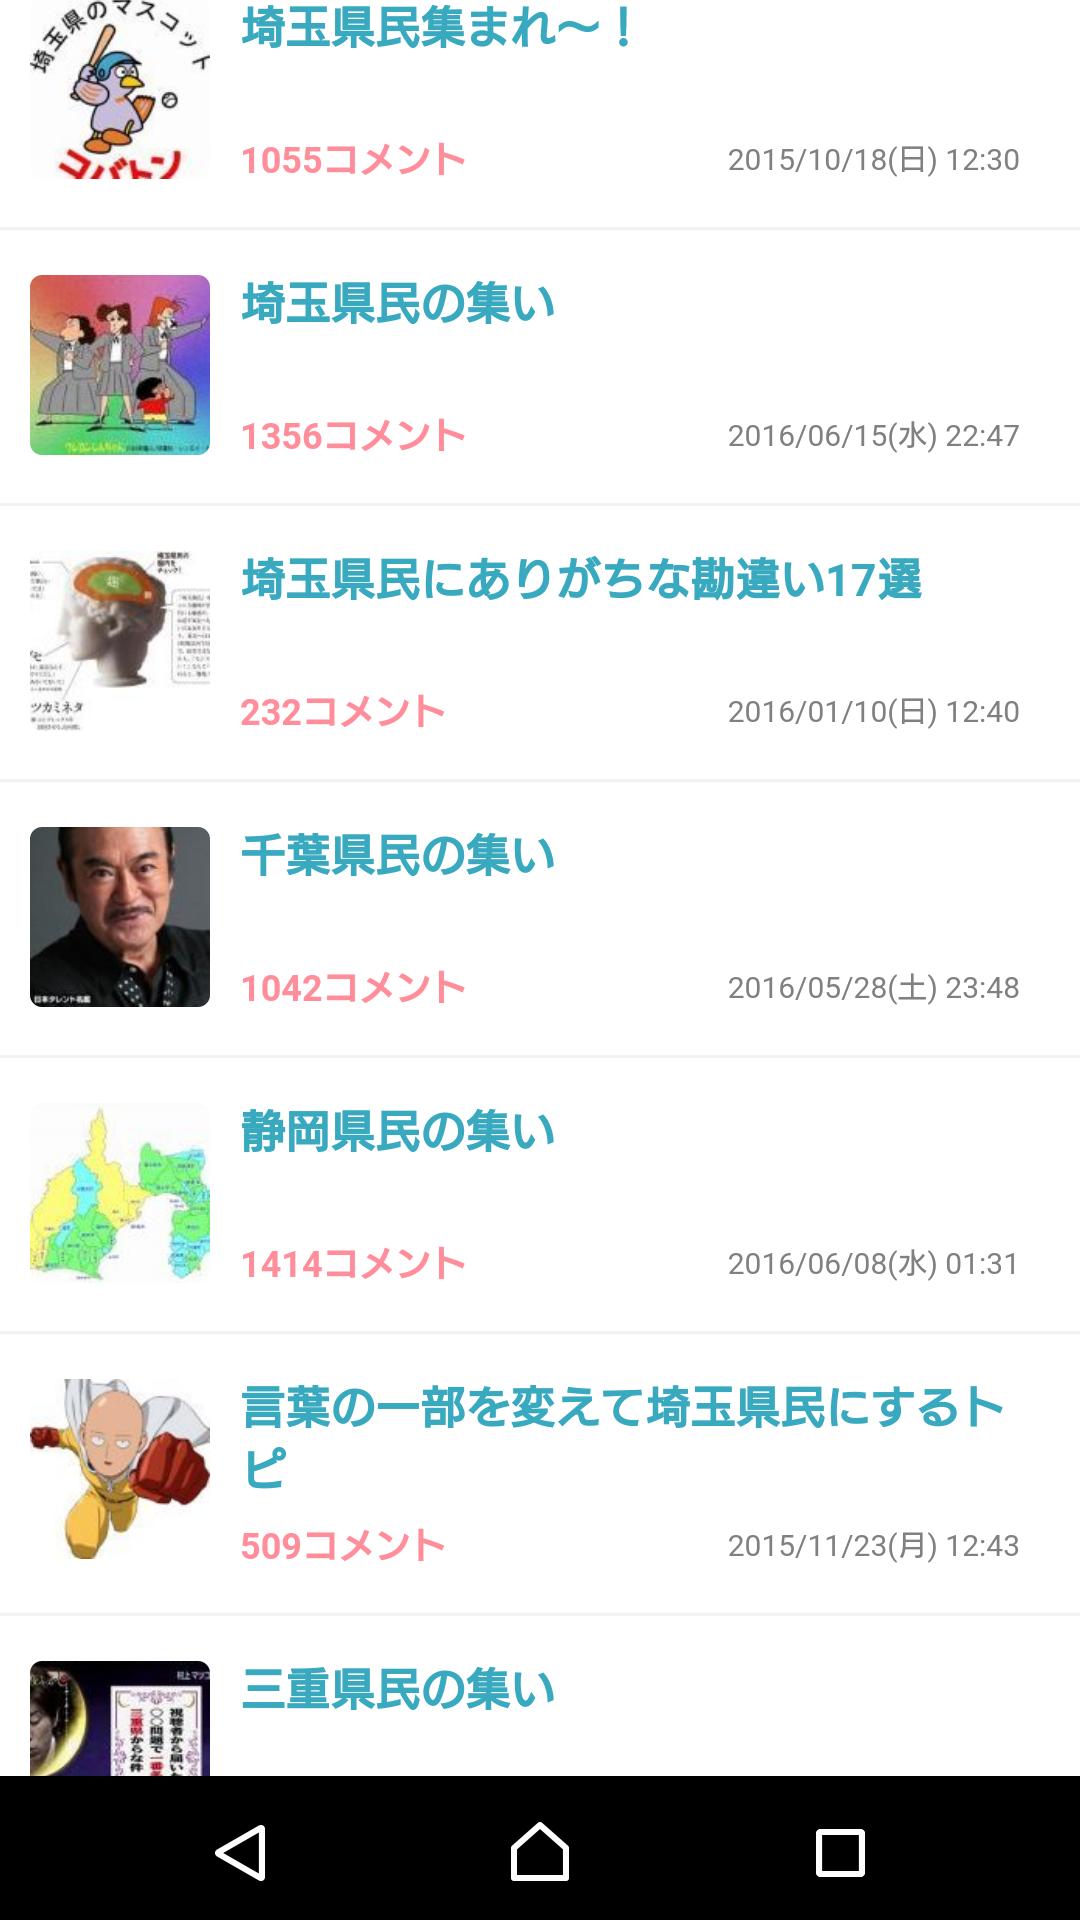 ☆埼玉県民の集い☆